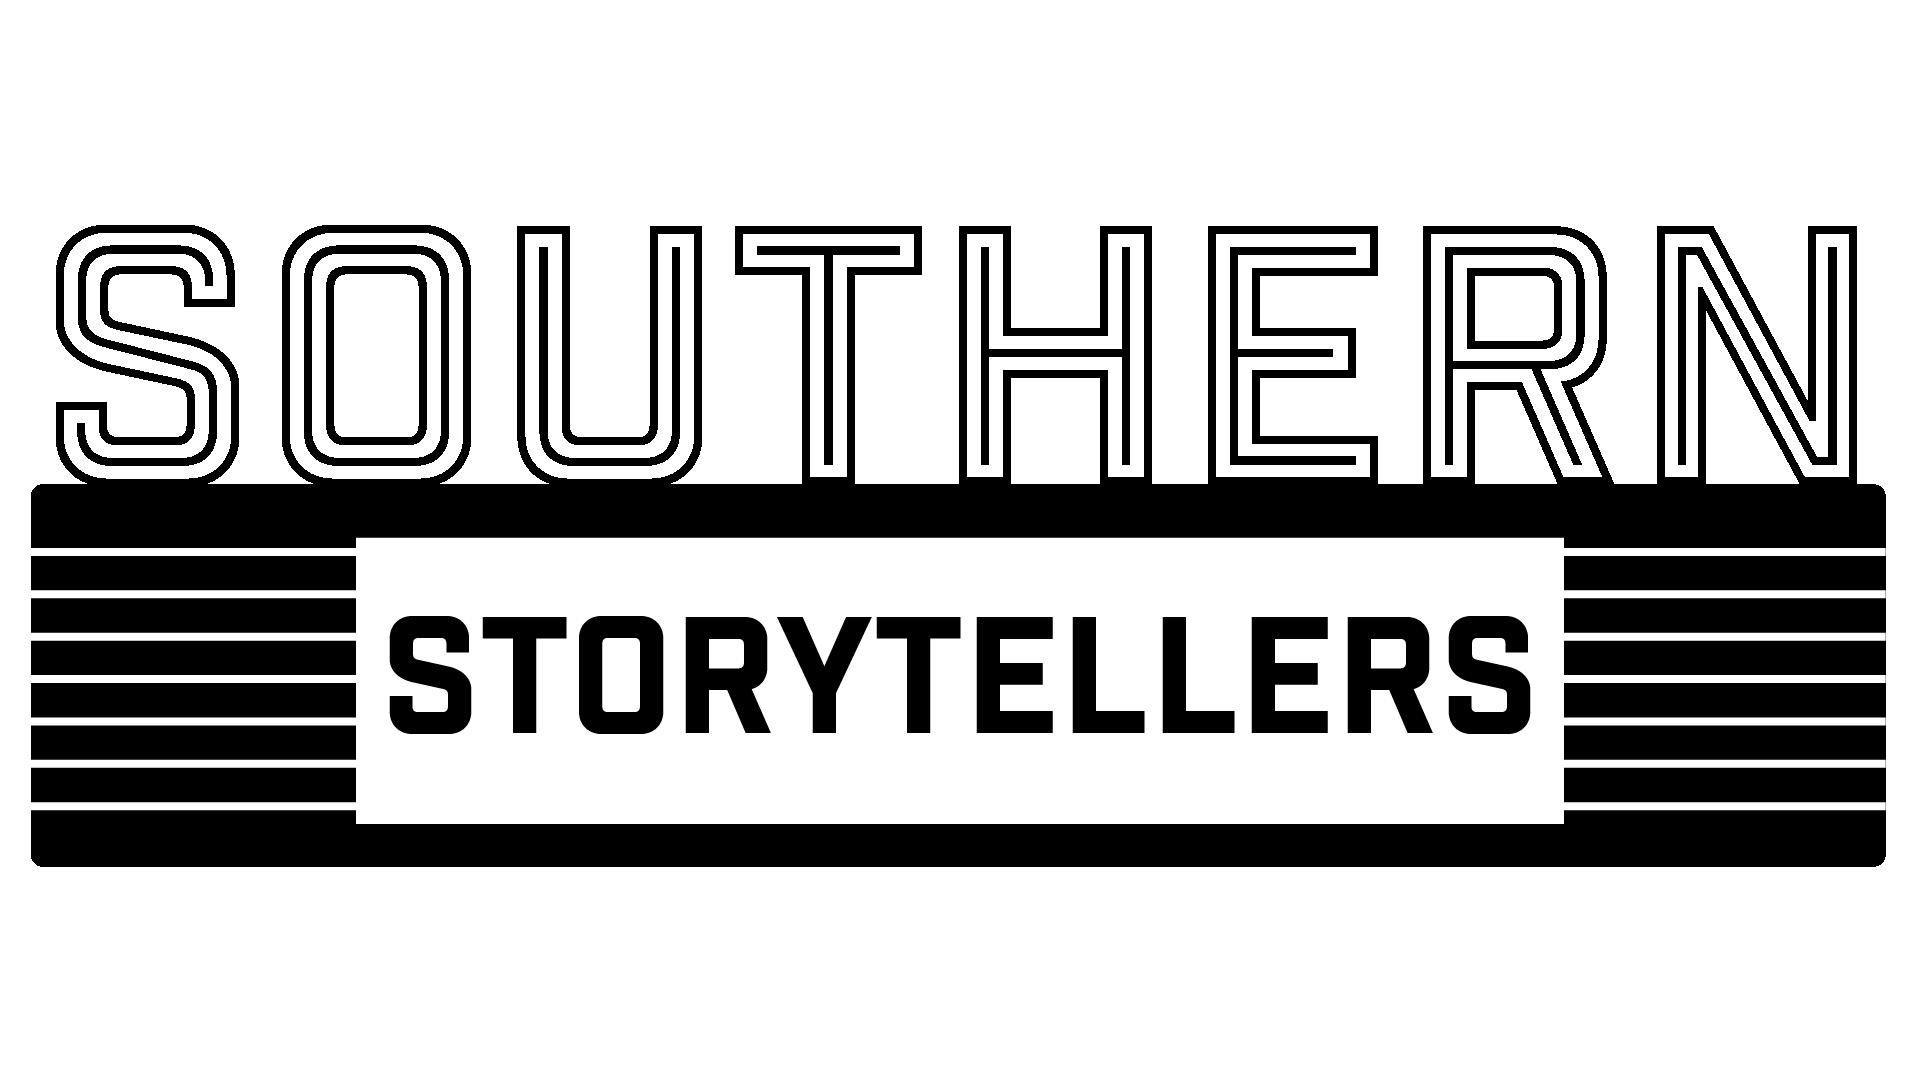 SouthernStorytellersLogoNew.png